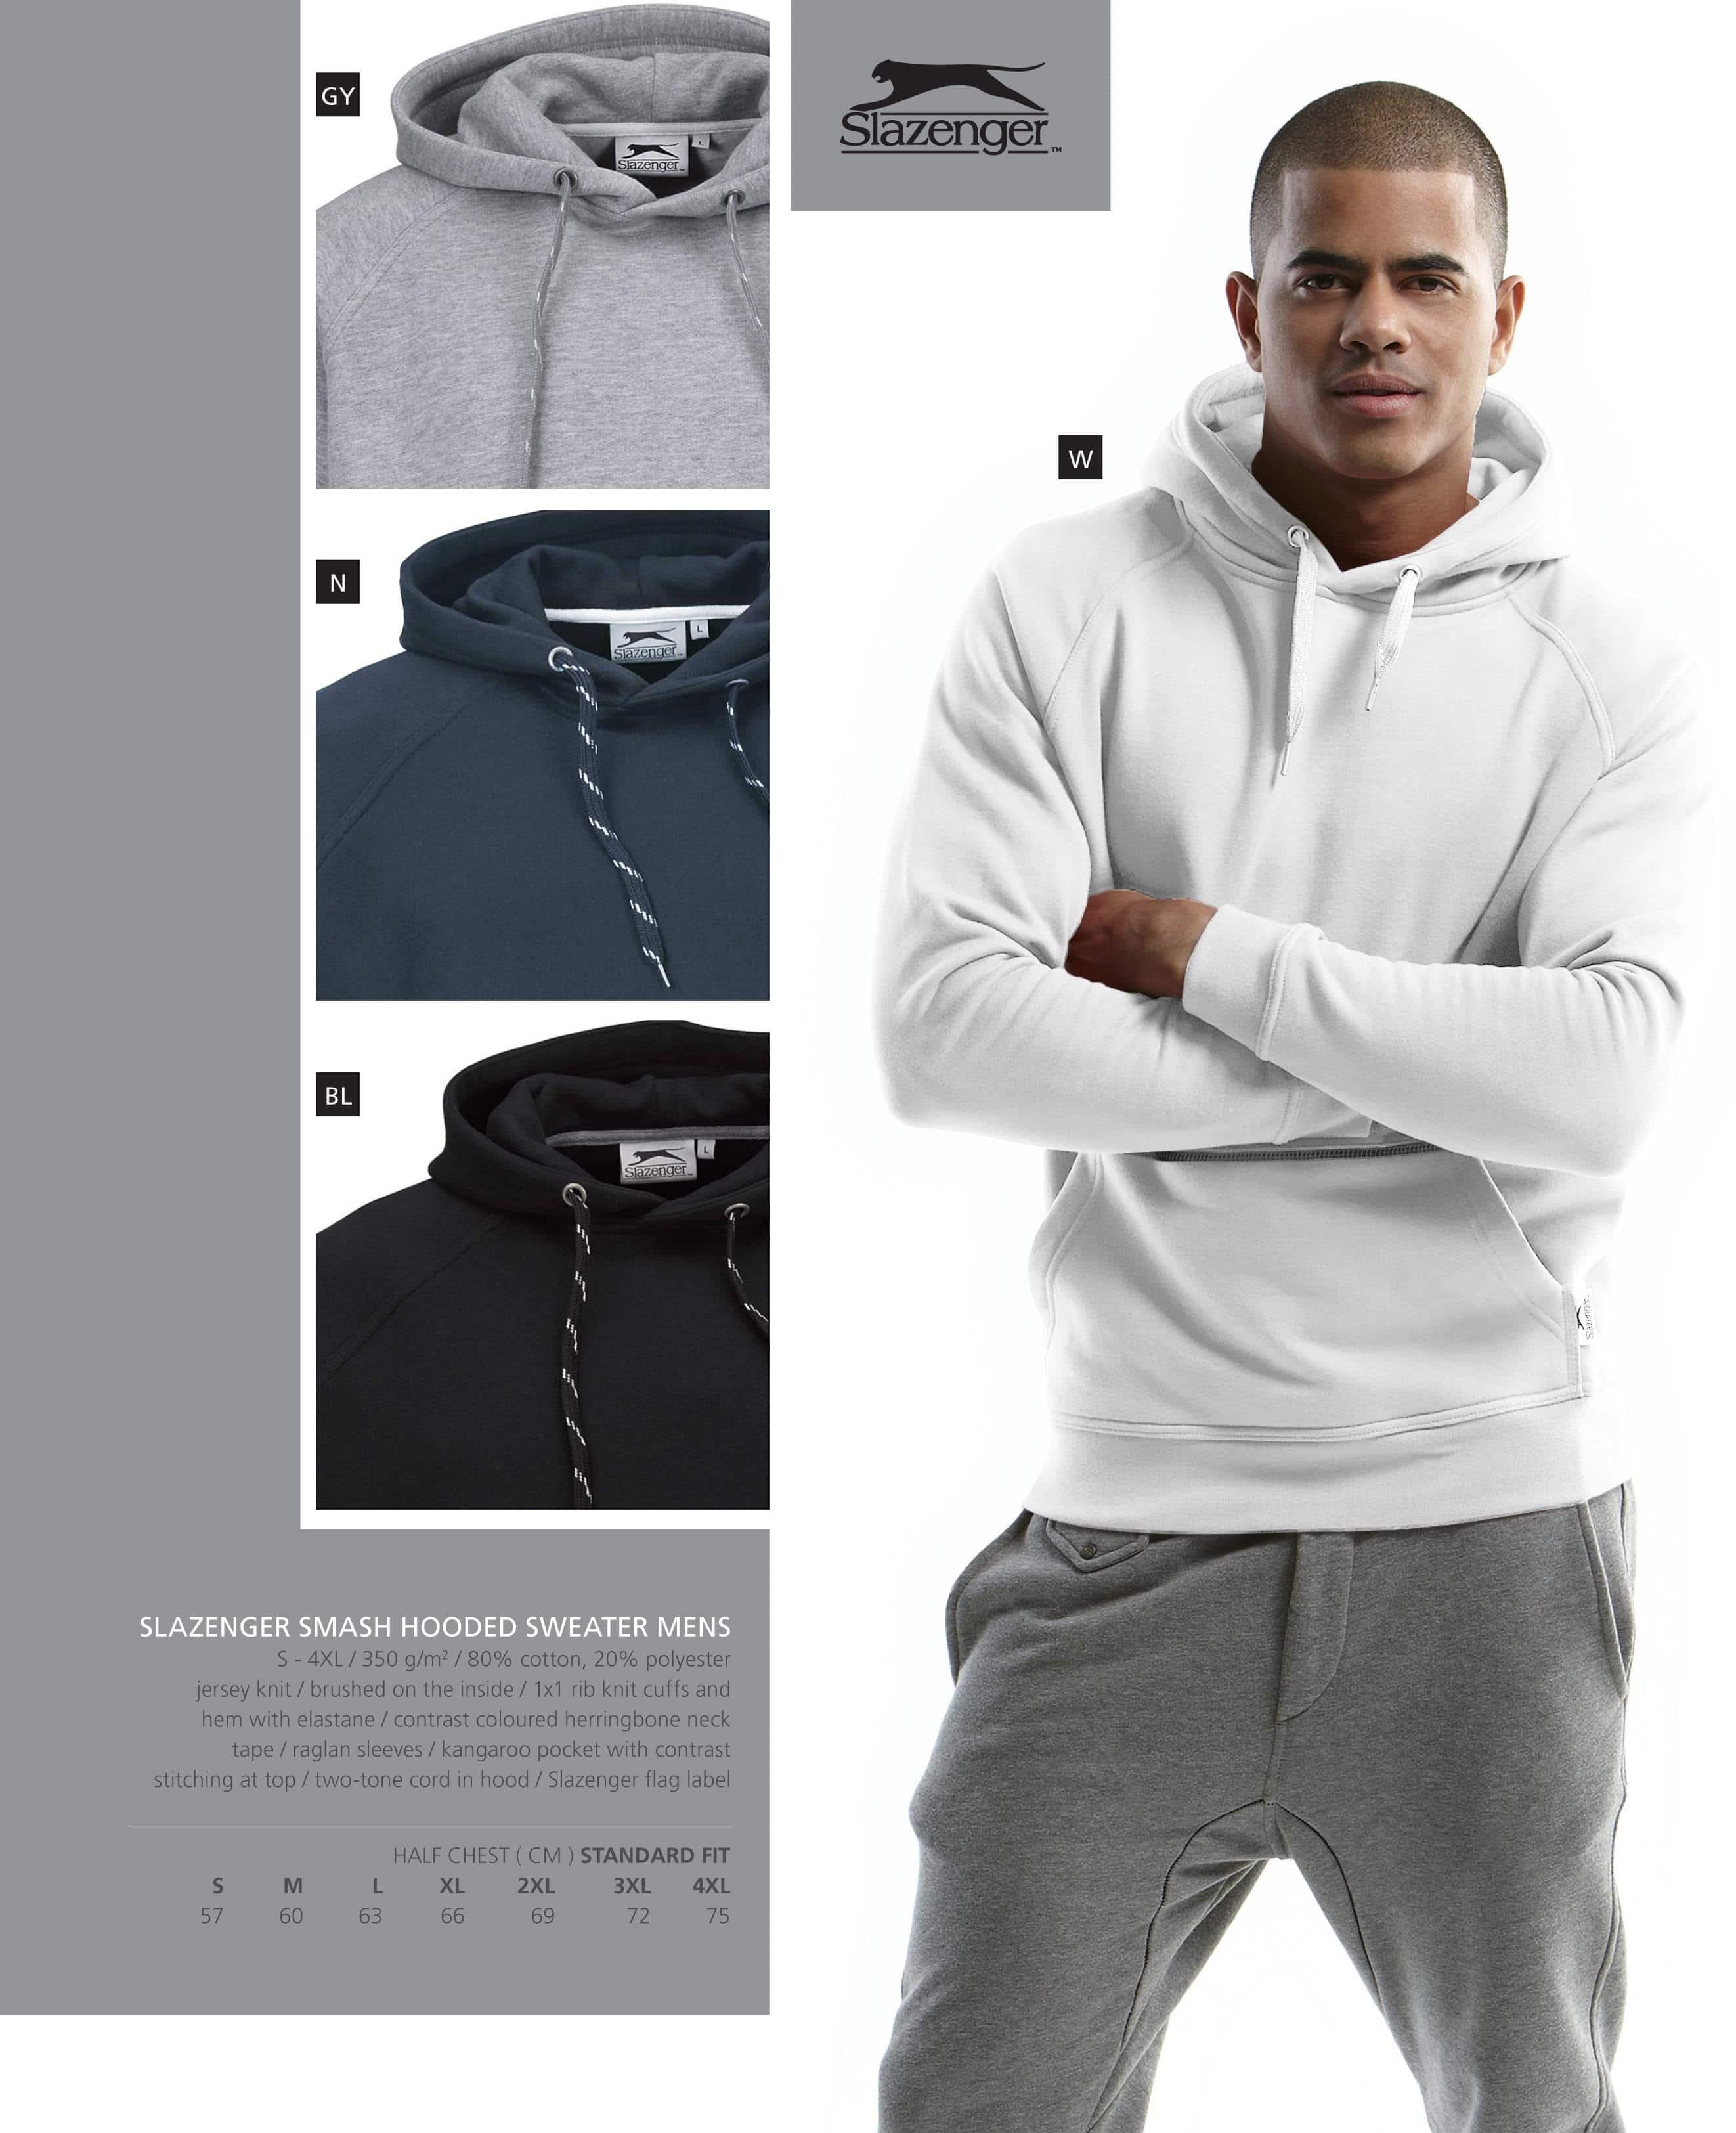 67358748d8 Slazenger - Smash Hooded Sweater - MEN » The Promo Group